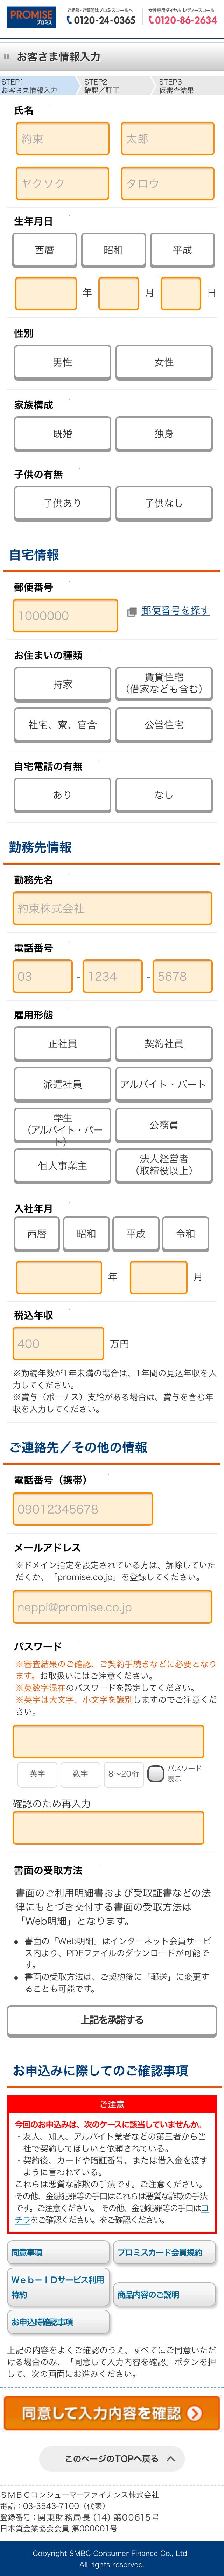 プロミスの公式ホームページ『カンタン入力』で申込む